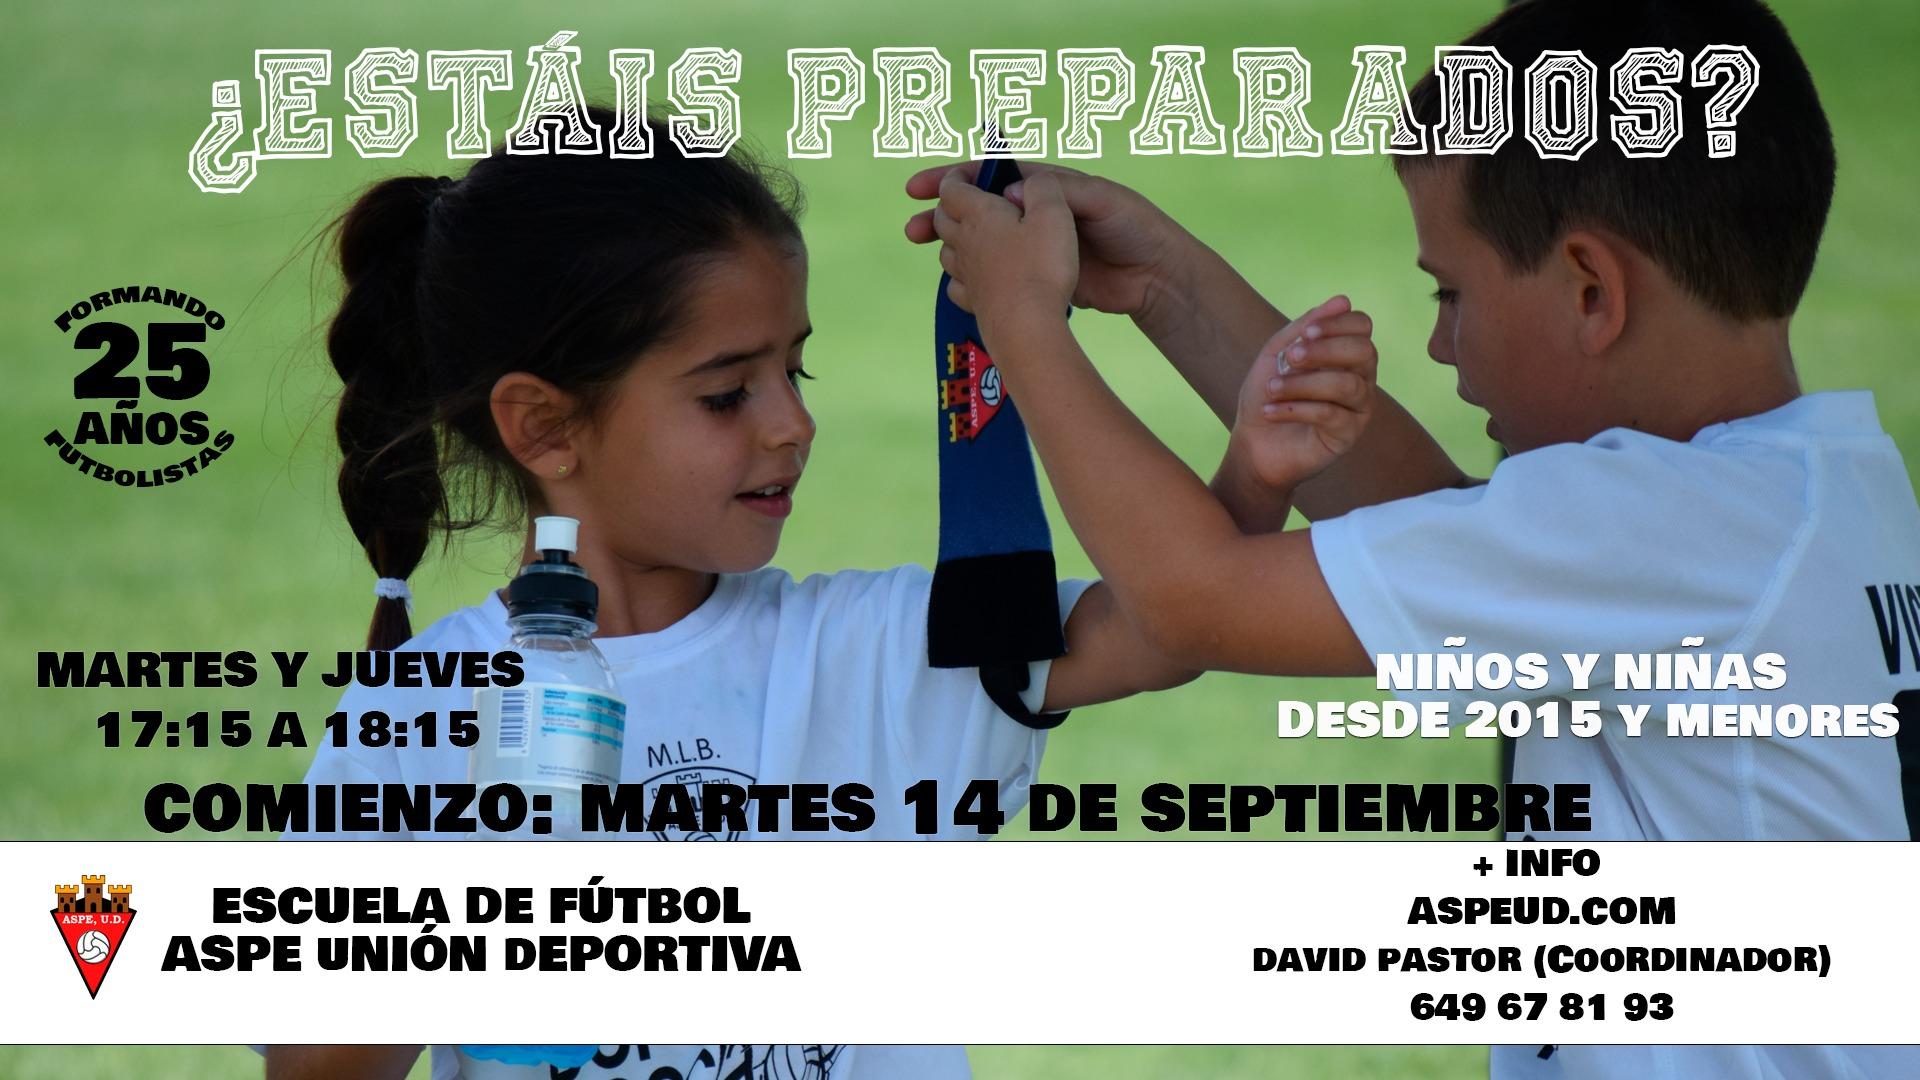 Comienza la escuela de fútbol del Aspe UD 2021/2022